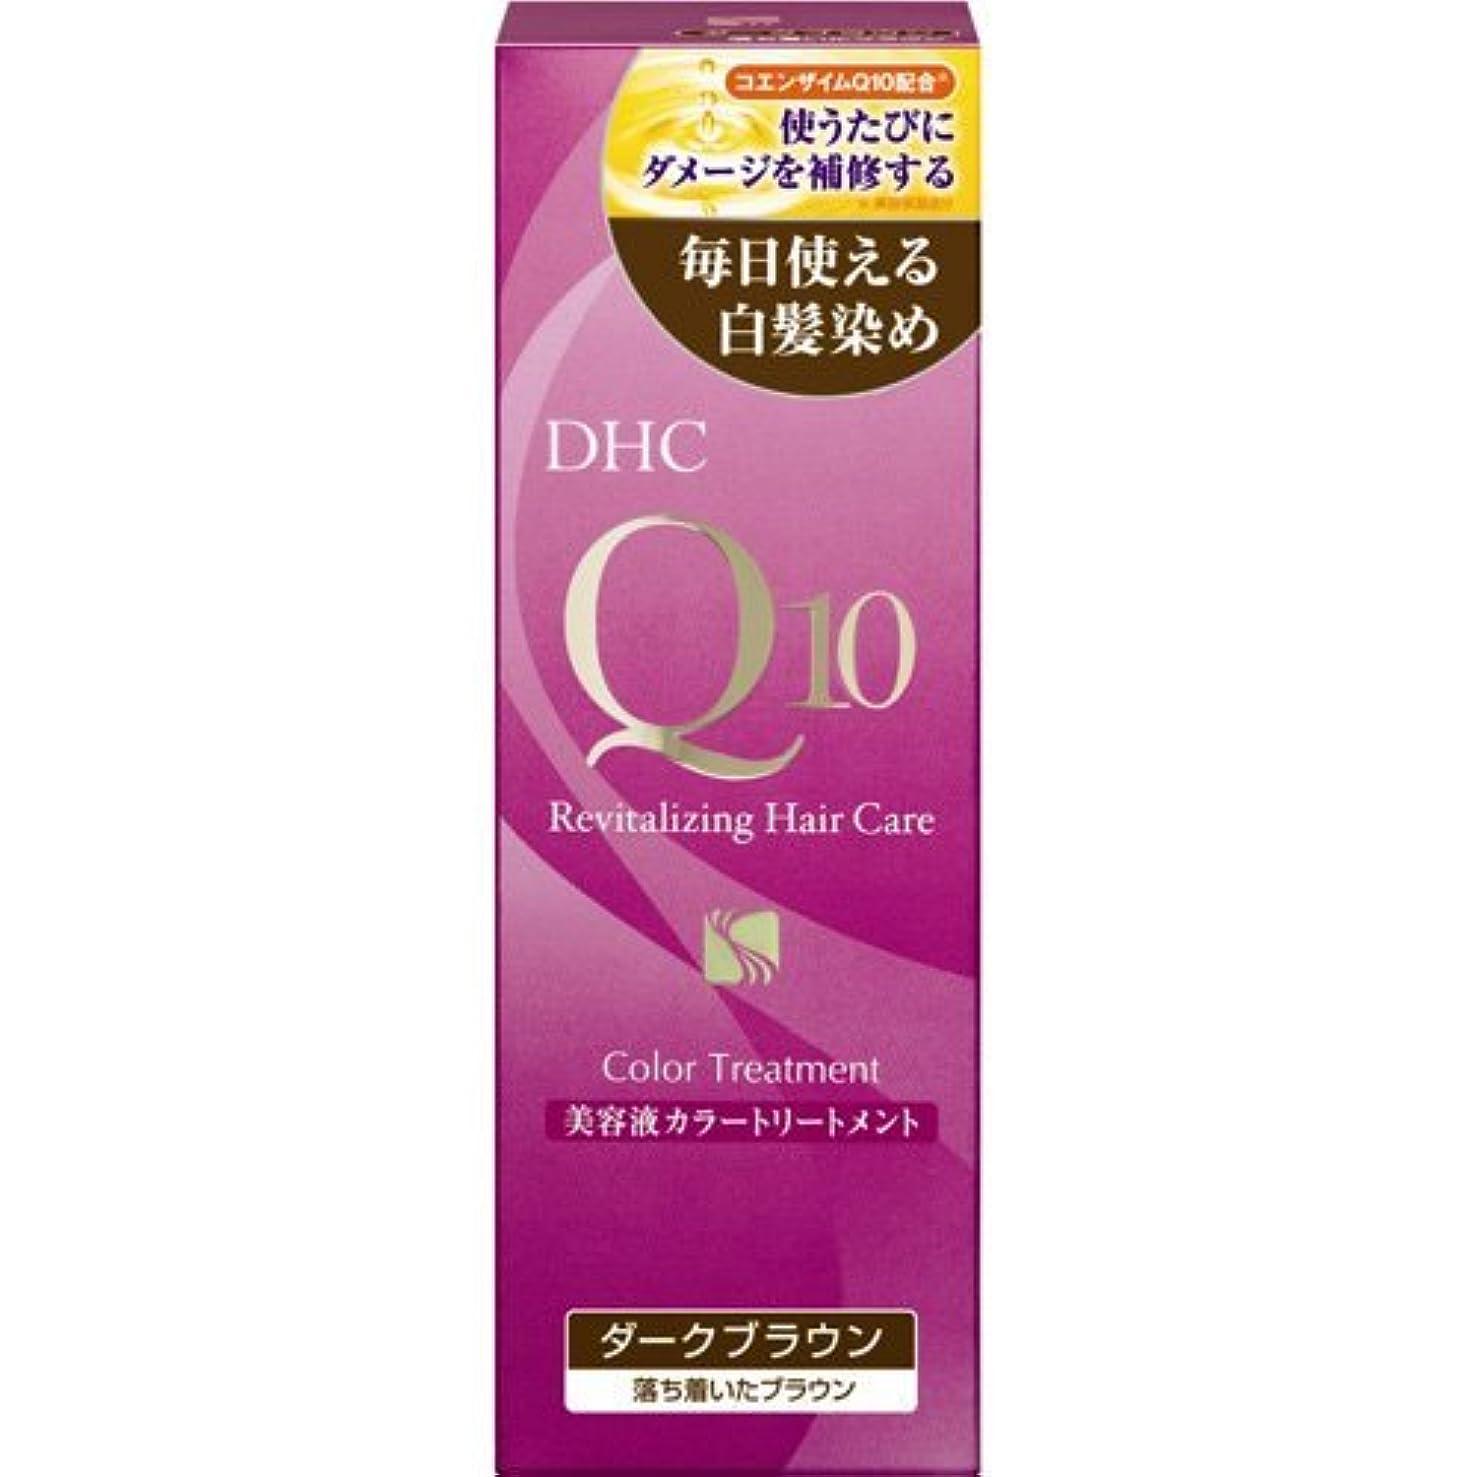 独占長さ流行【まとめ買い】DHC Q10美溶液カラートリートメントDブラウンSS170g ×5個